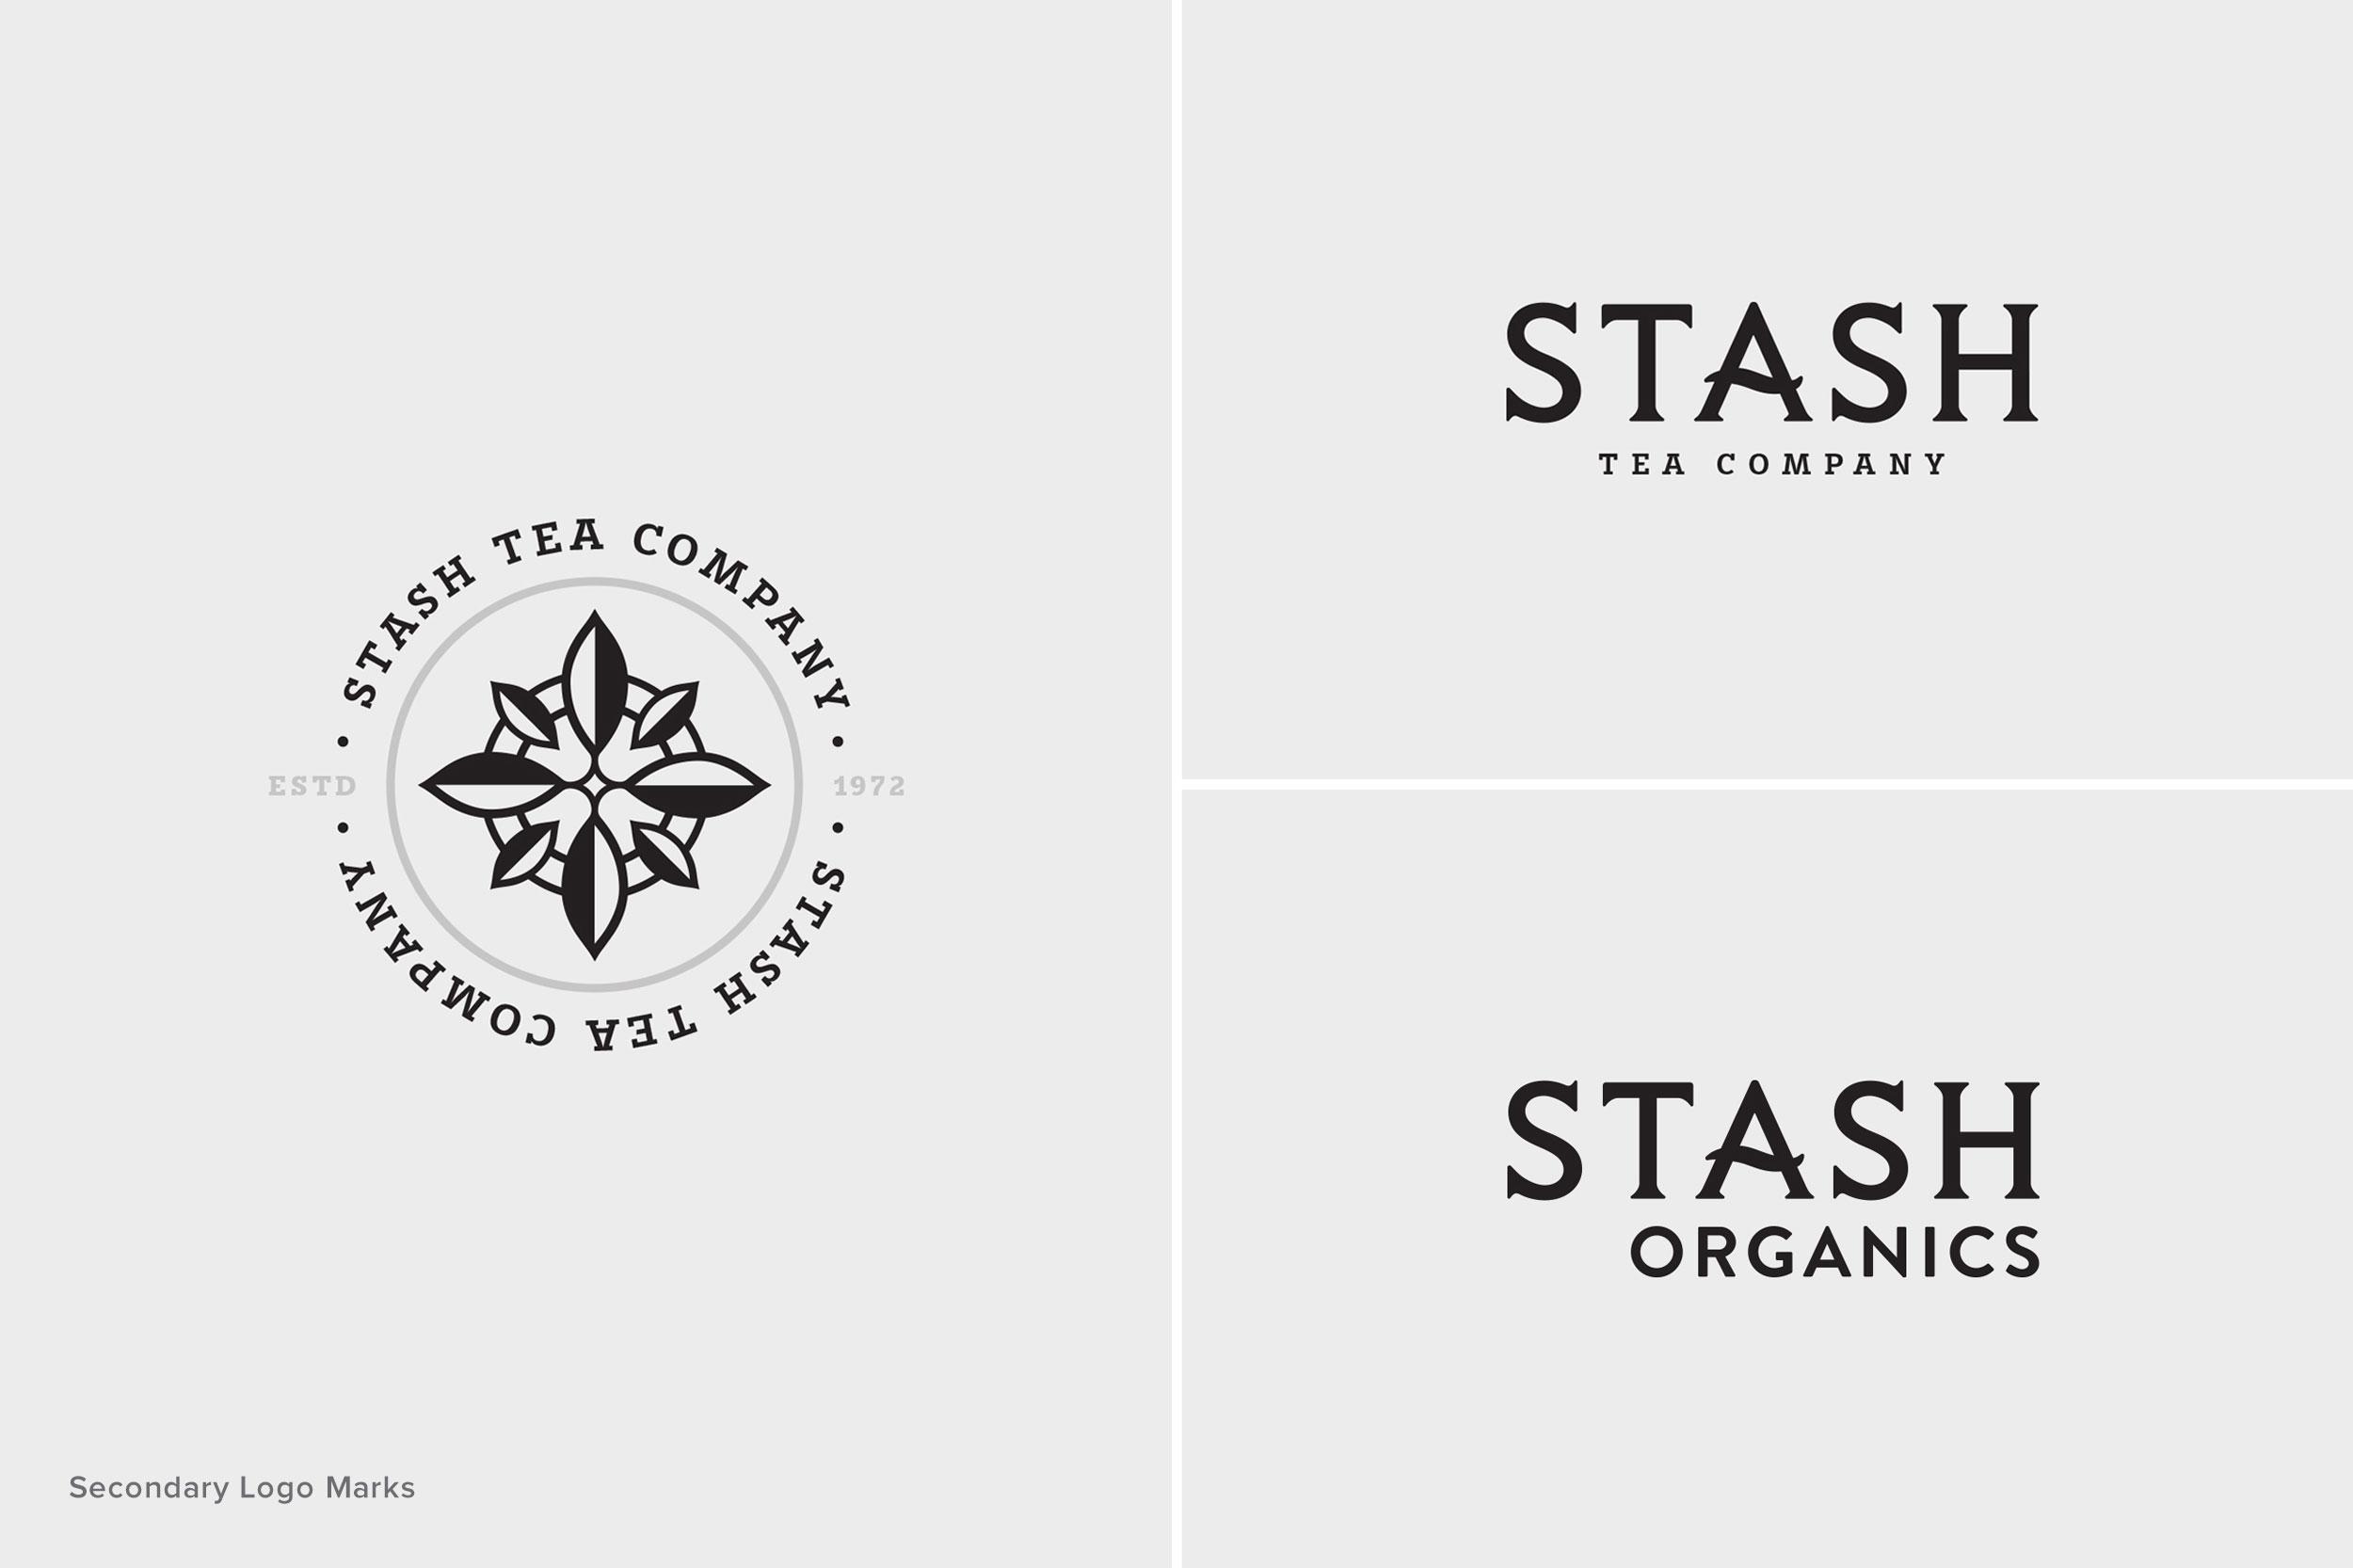 Stash_secondary_logos_5.jpg